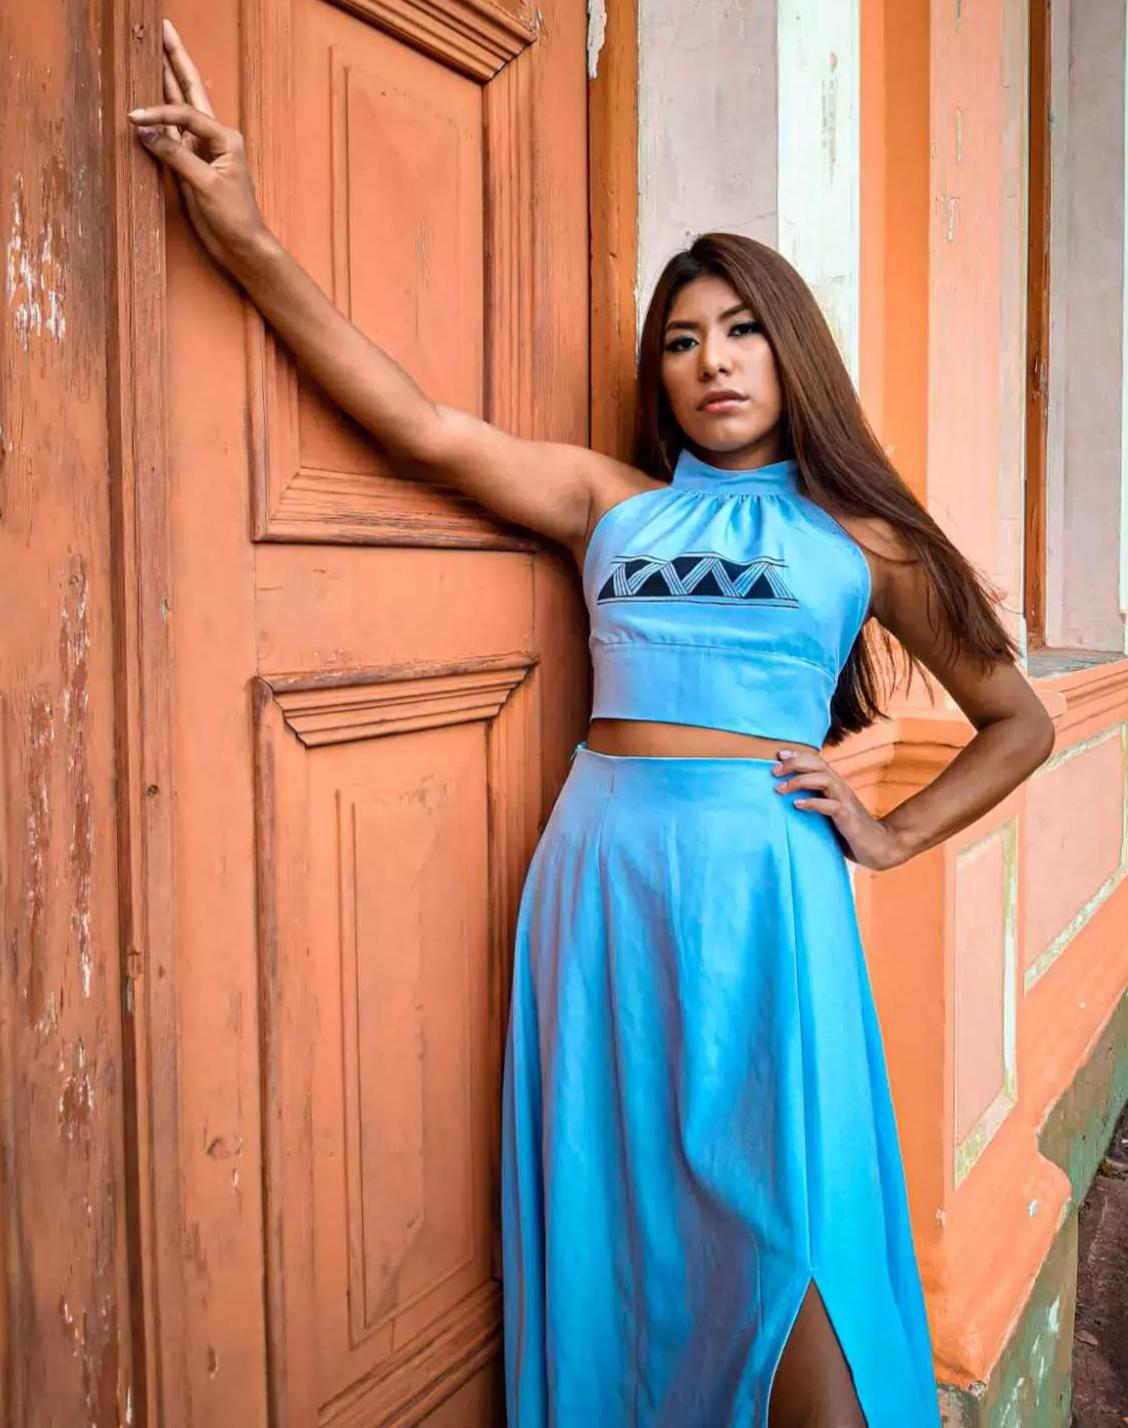 Coleção de roupa inspirada na arte indígena terena (Foto: Edenilson Delgado)